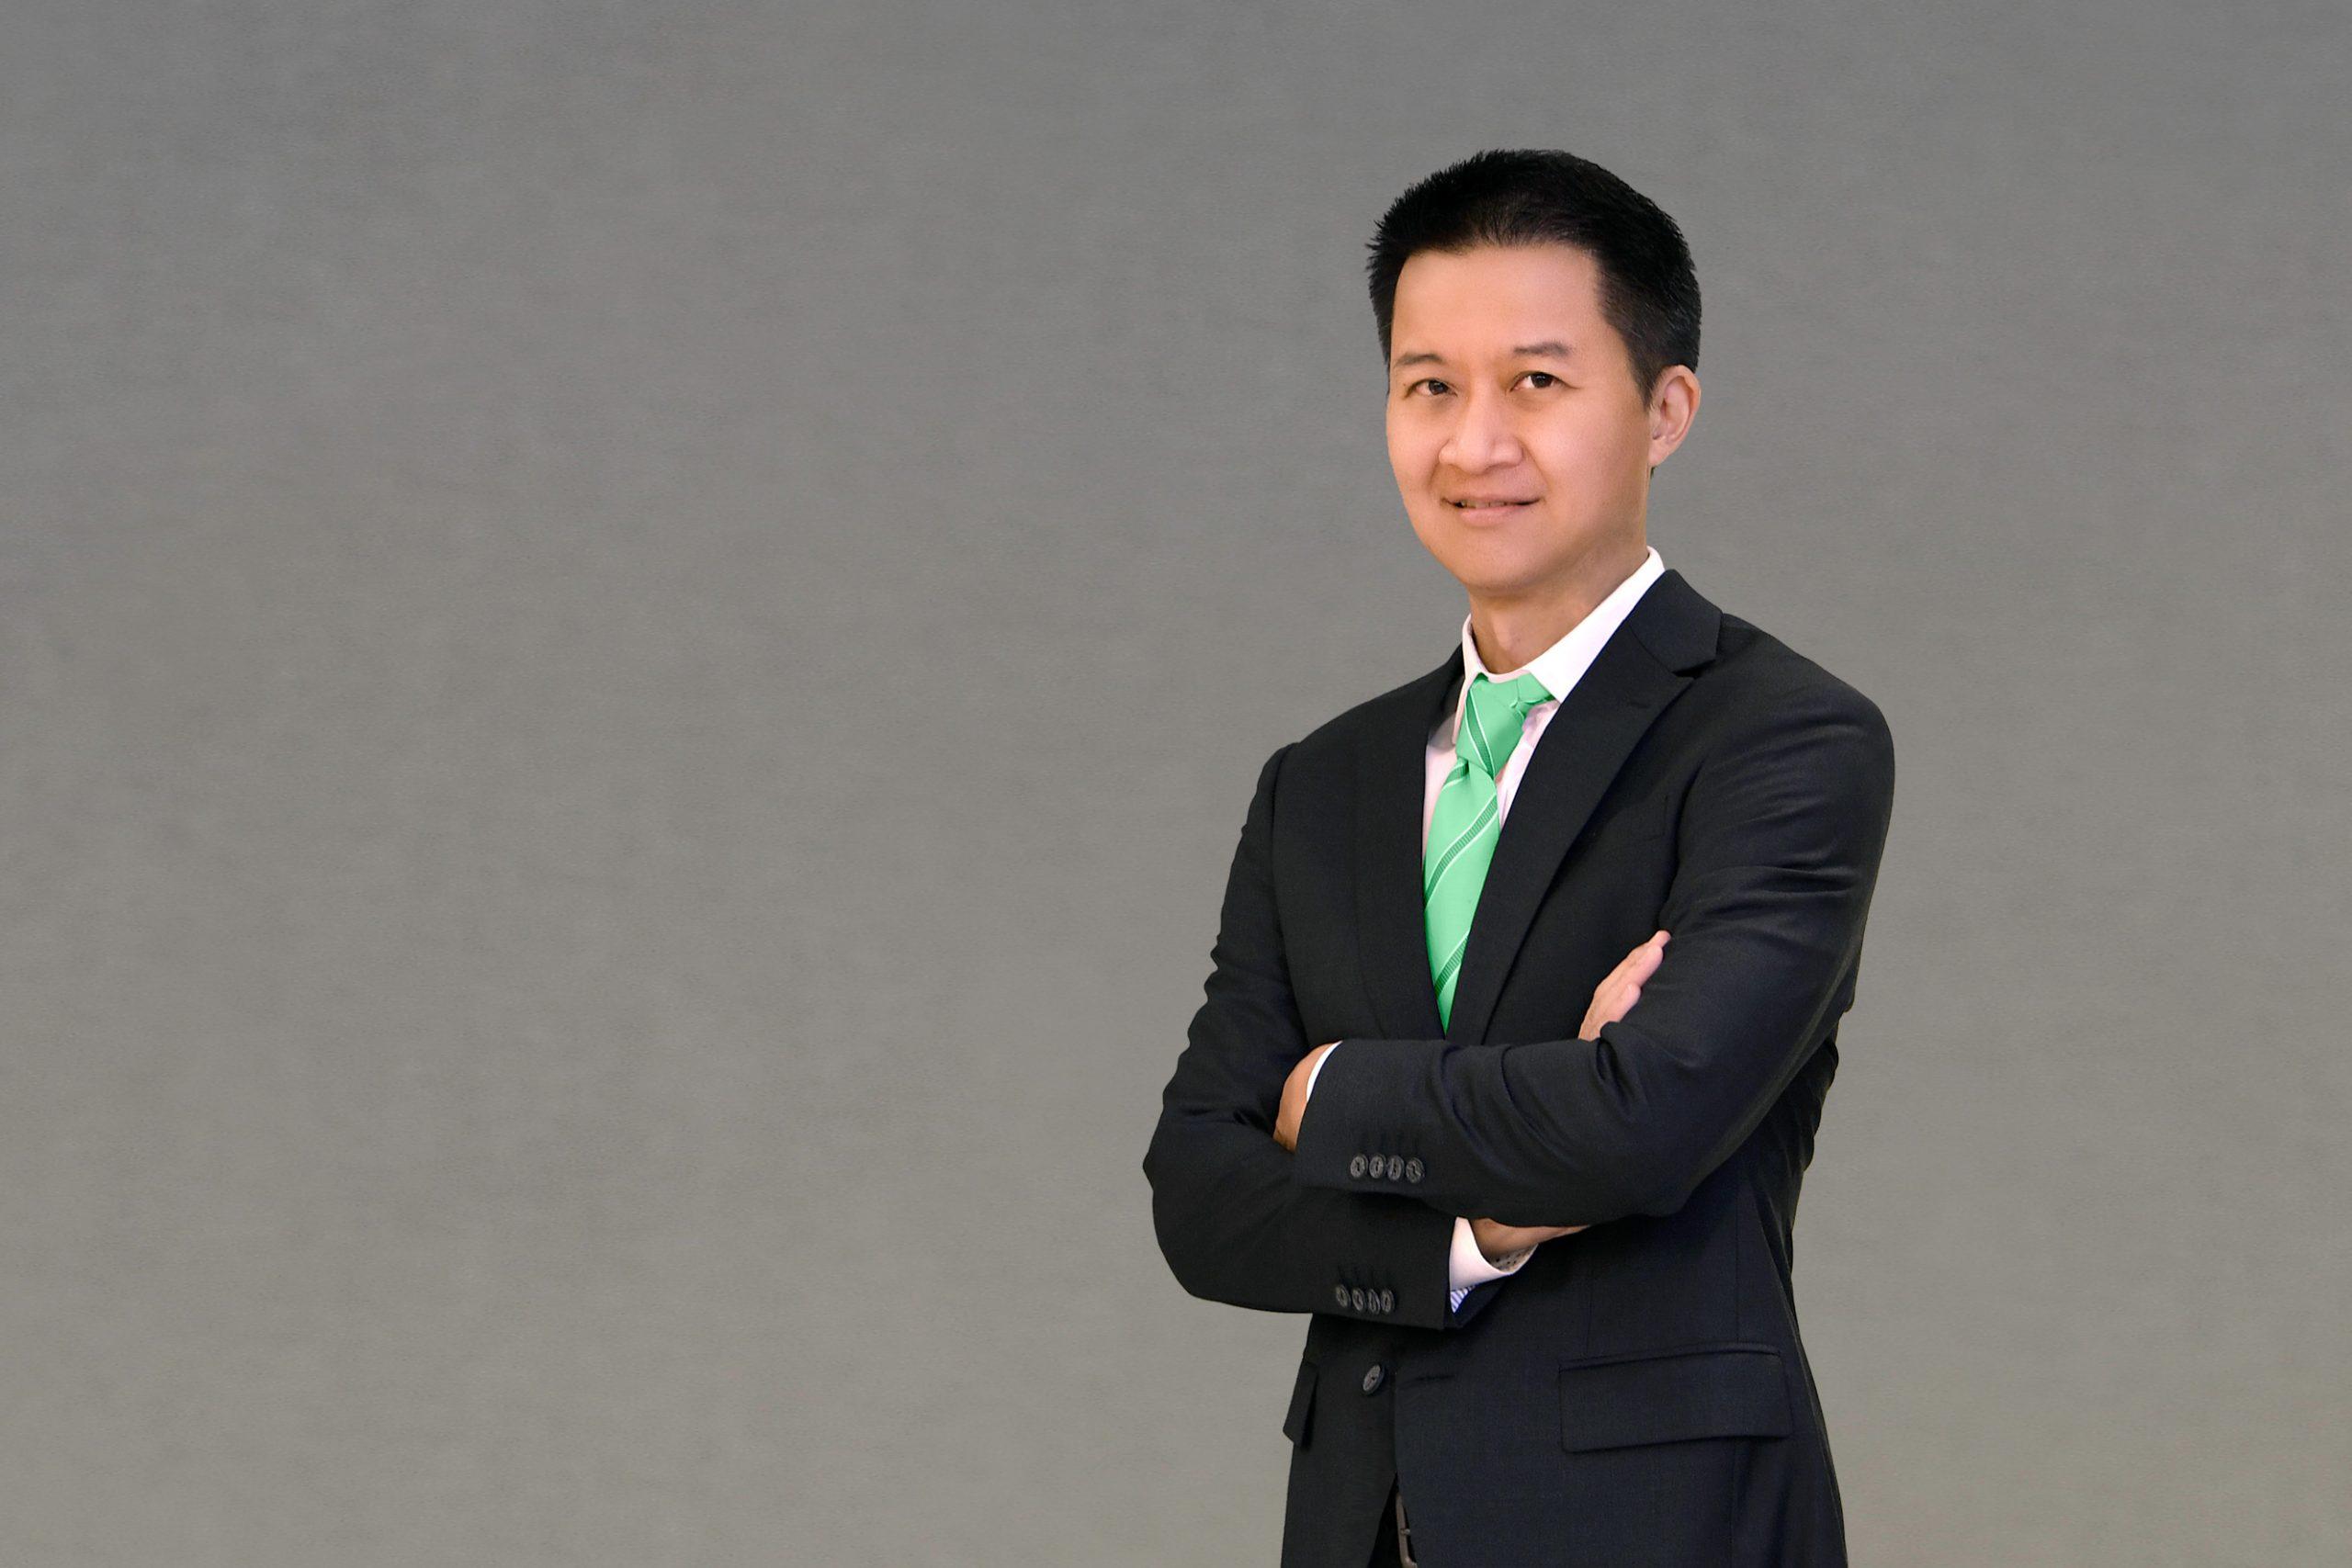 นายพัชร สมะลาภา กรรมการผู้จัดการ ธนาคารกสิกรไทย